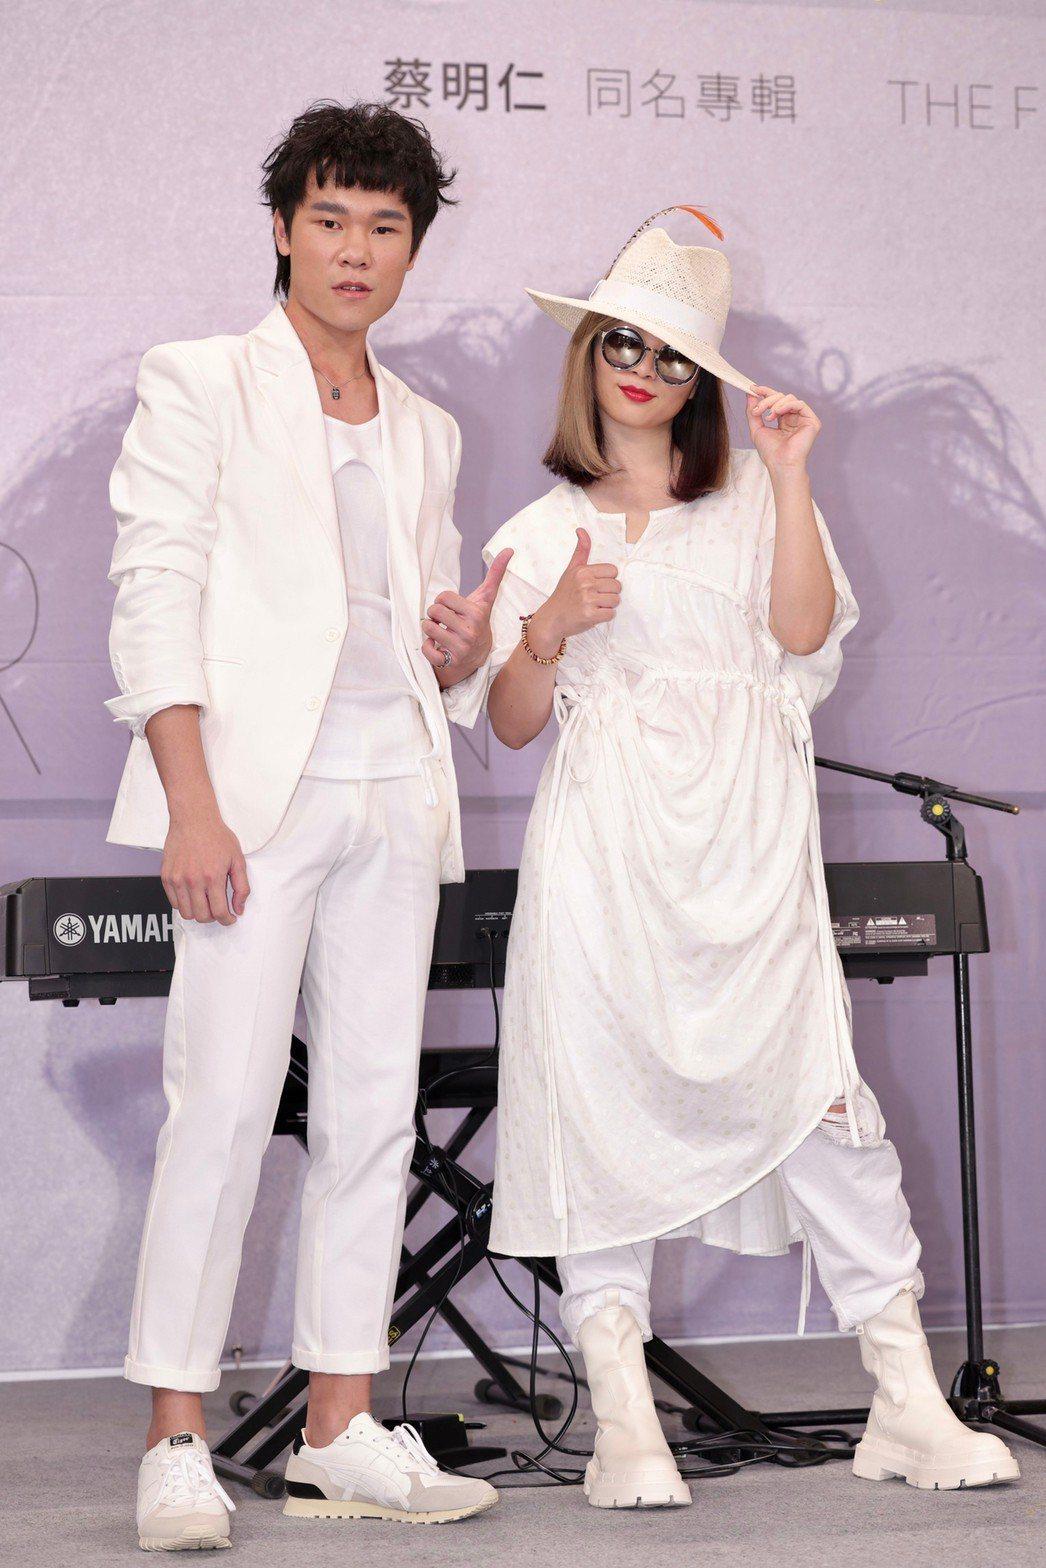 蔡明仁(左)推出首張個人同名專輯,?te壞特現身打氣。記者李政龍/攝影